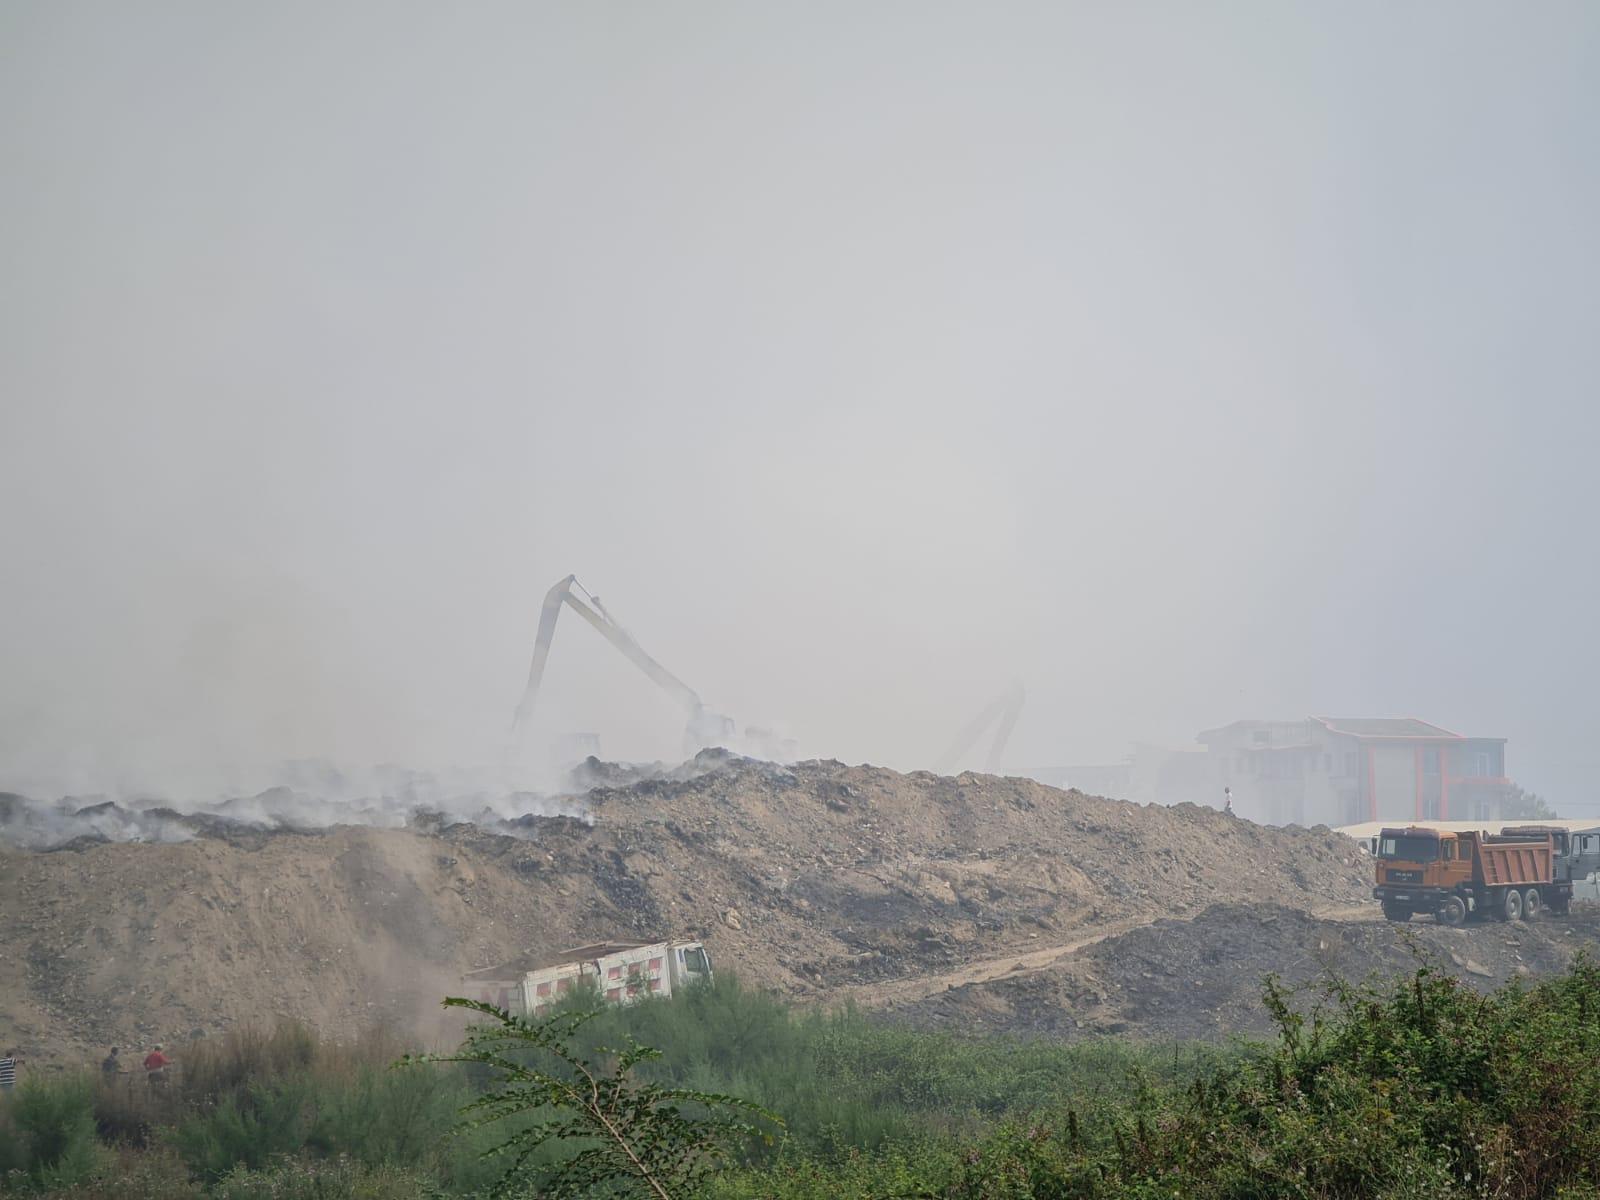 Milionat për inceneratorin nuk e shpëtojnë Fierin nga reja 'toksike' e mbetjeve që digjen